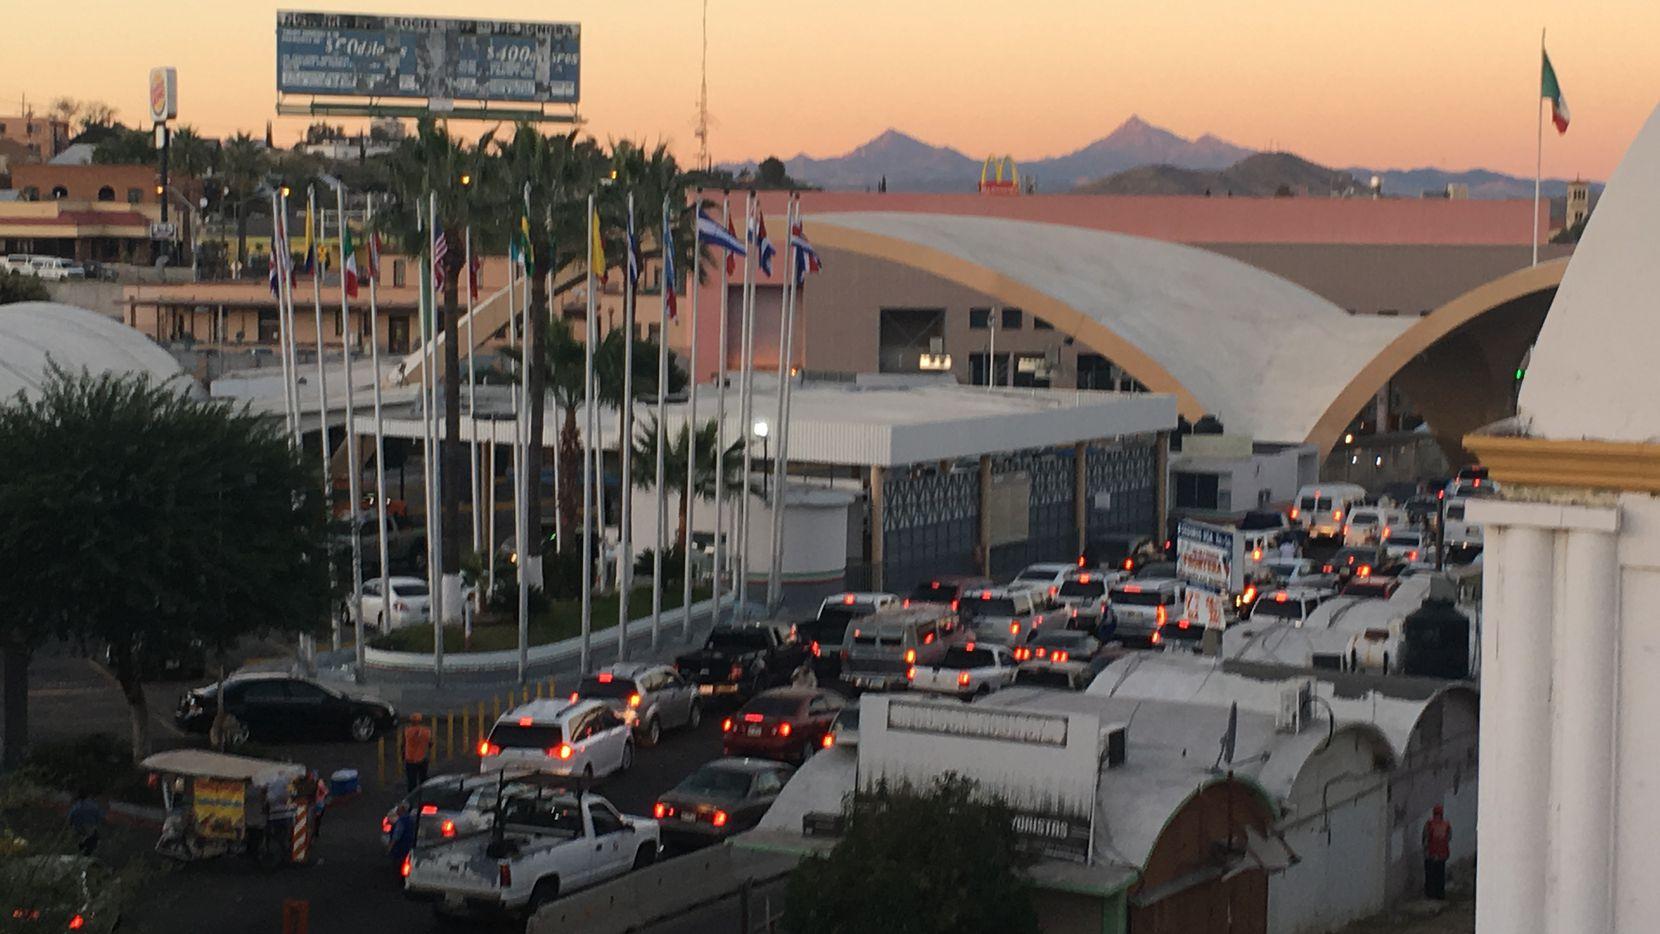 Vehículos fueron detenidos por manifestantes en Sonora, preocupados por poca revisión a visitantes estadounidenses.